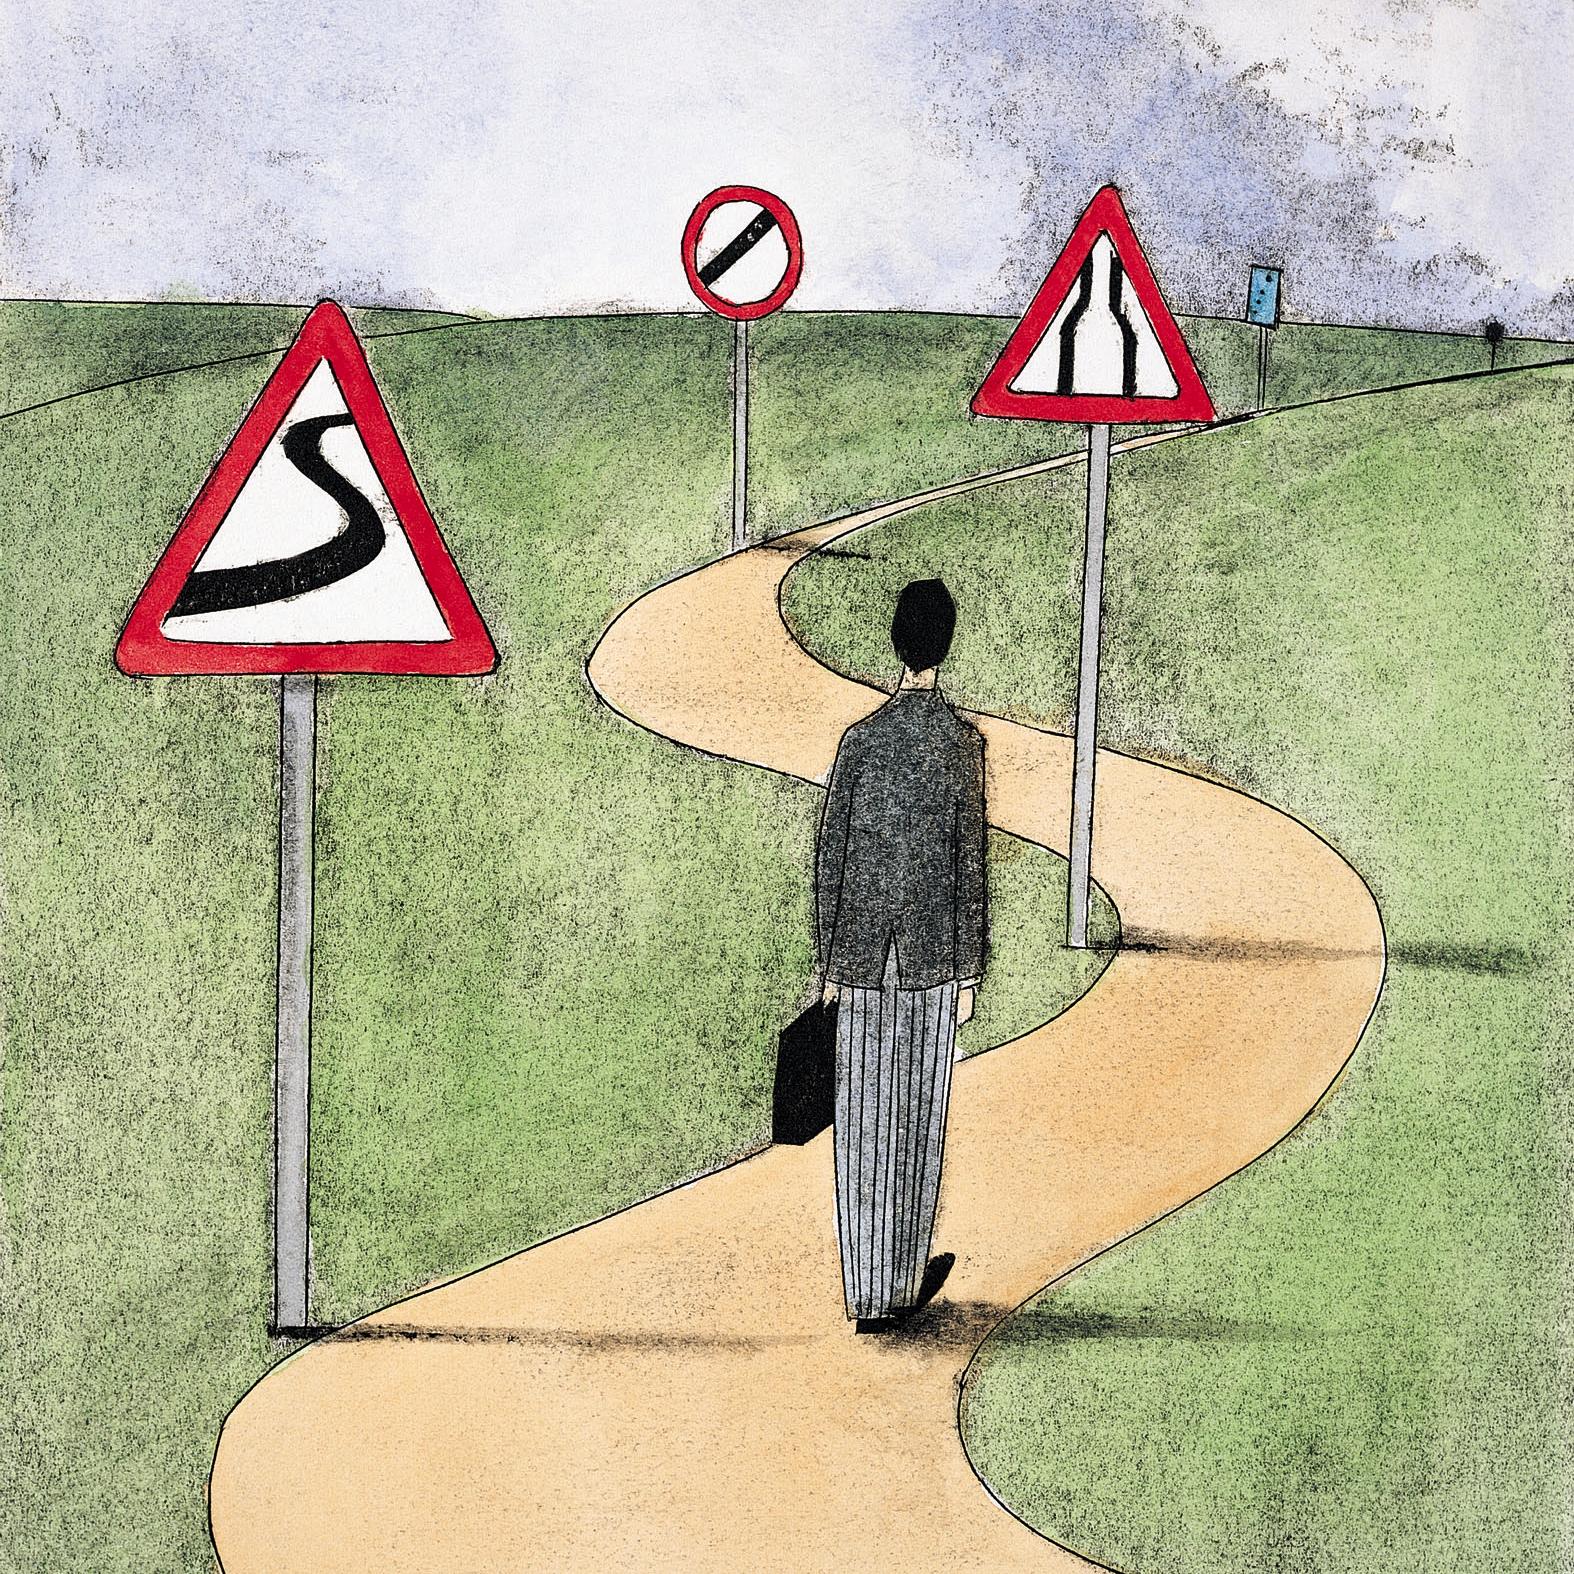 Een weg met verkeersborden waarlangs de persoon moet om de vragen van de teamtest te beantwoorden